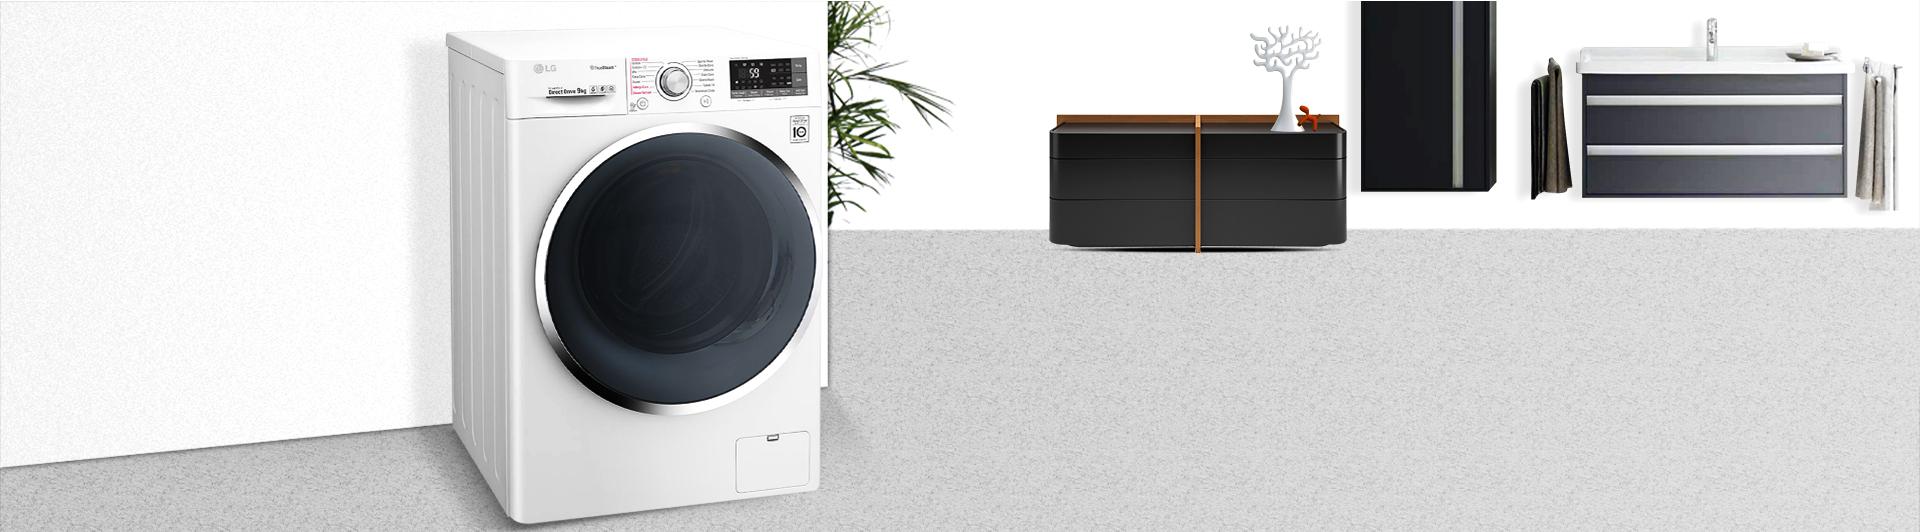 Máy giặt LG 9KG FC1409S2W thiết kế sang trọng